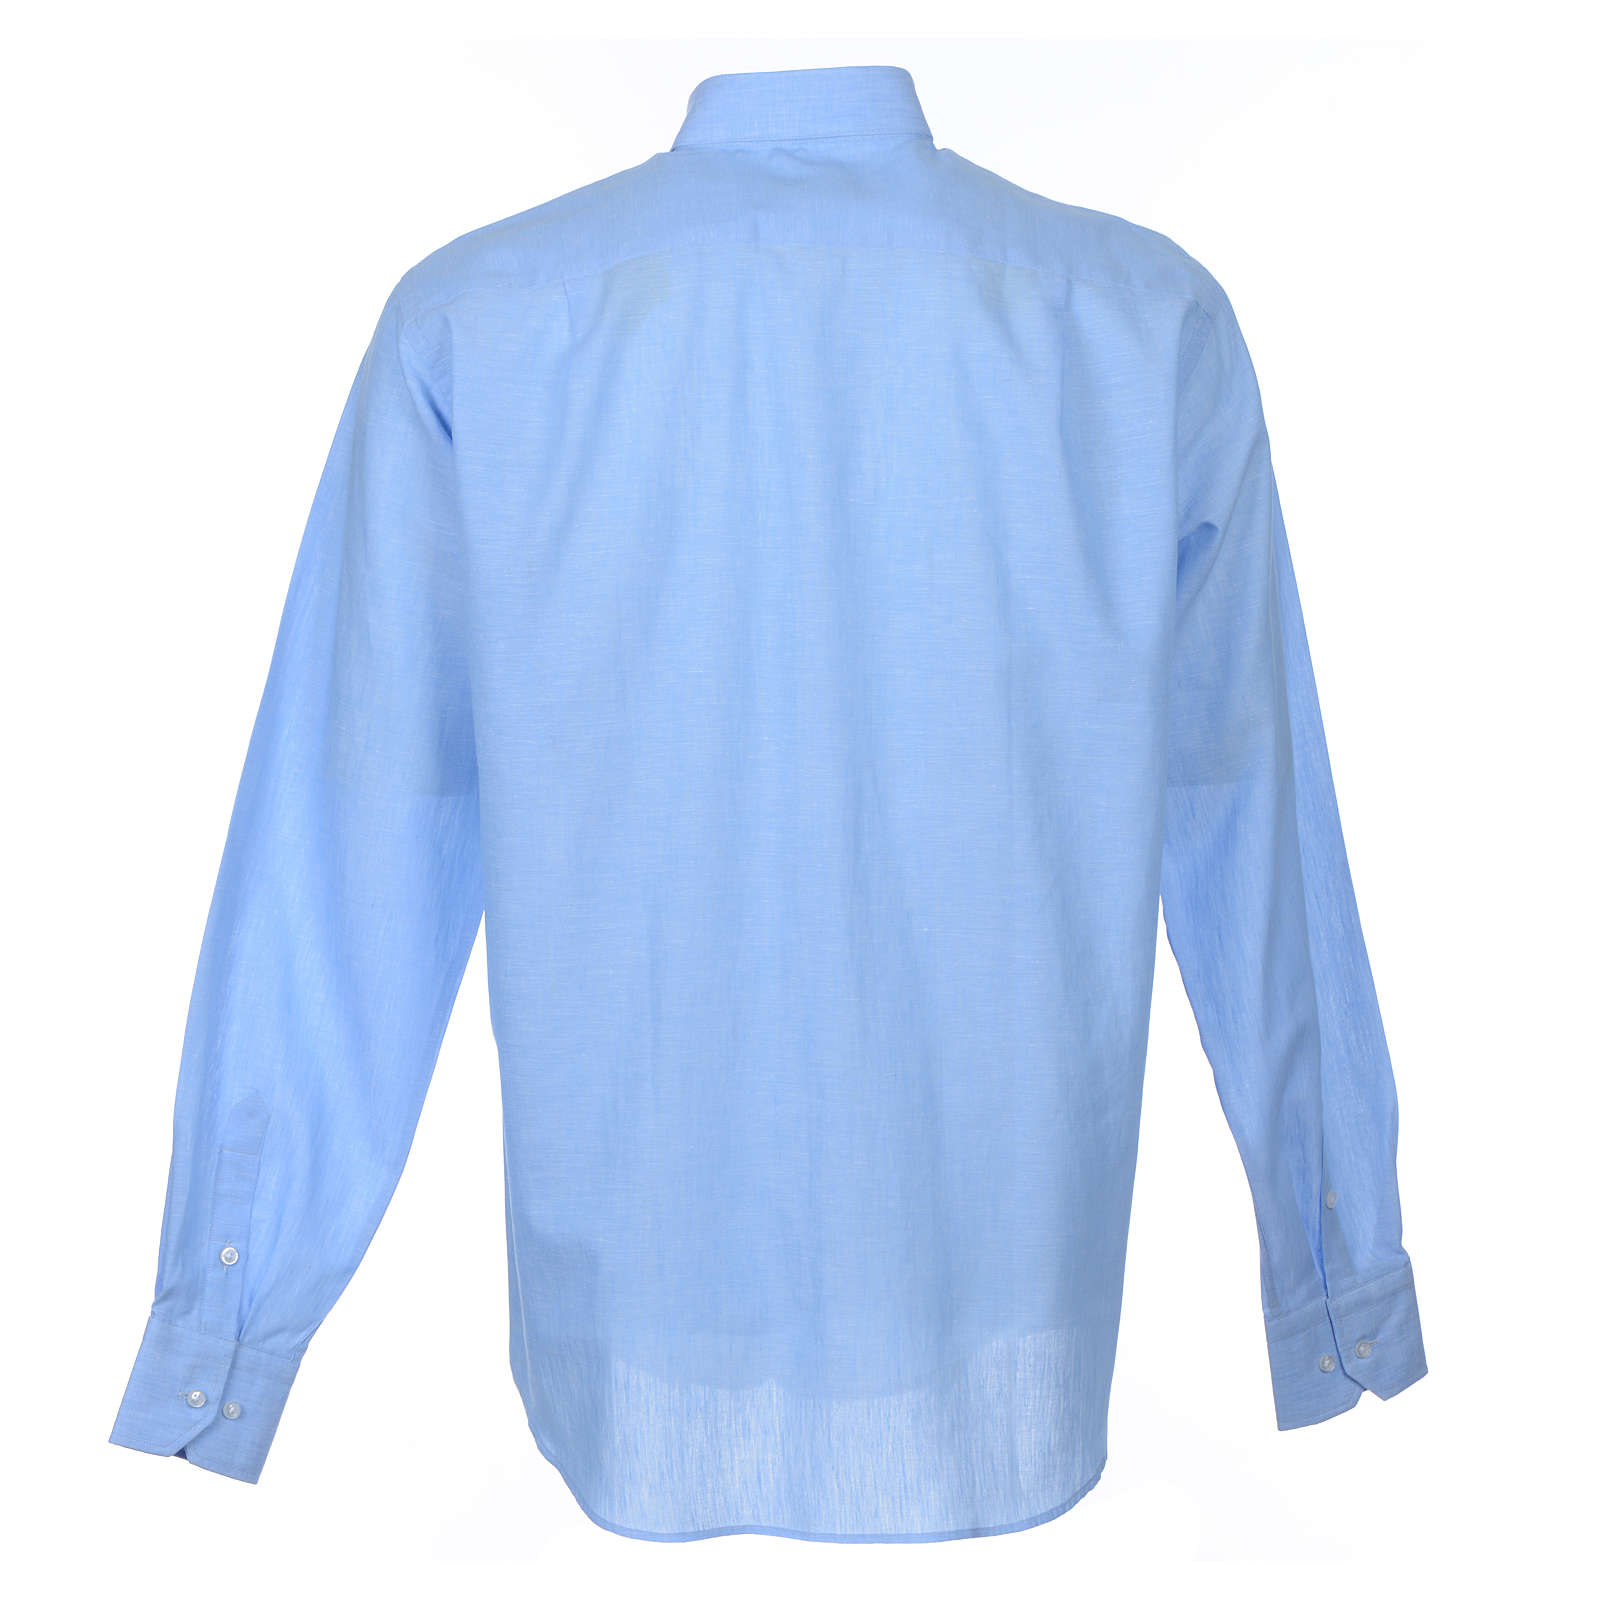 Koszula kapłańska długi rękaw lniana błękitna 4